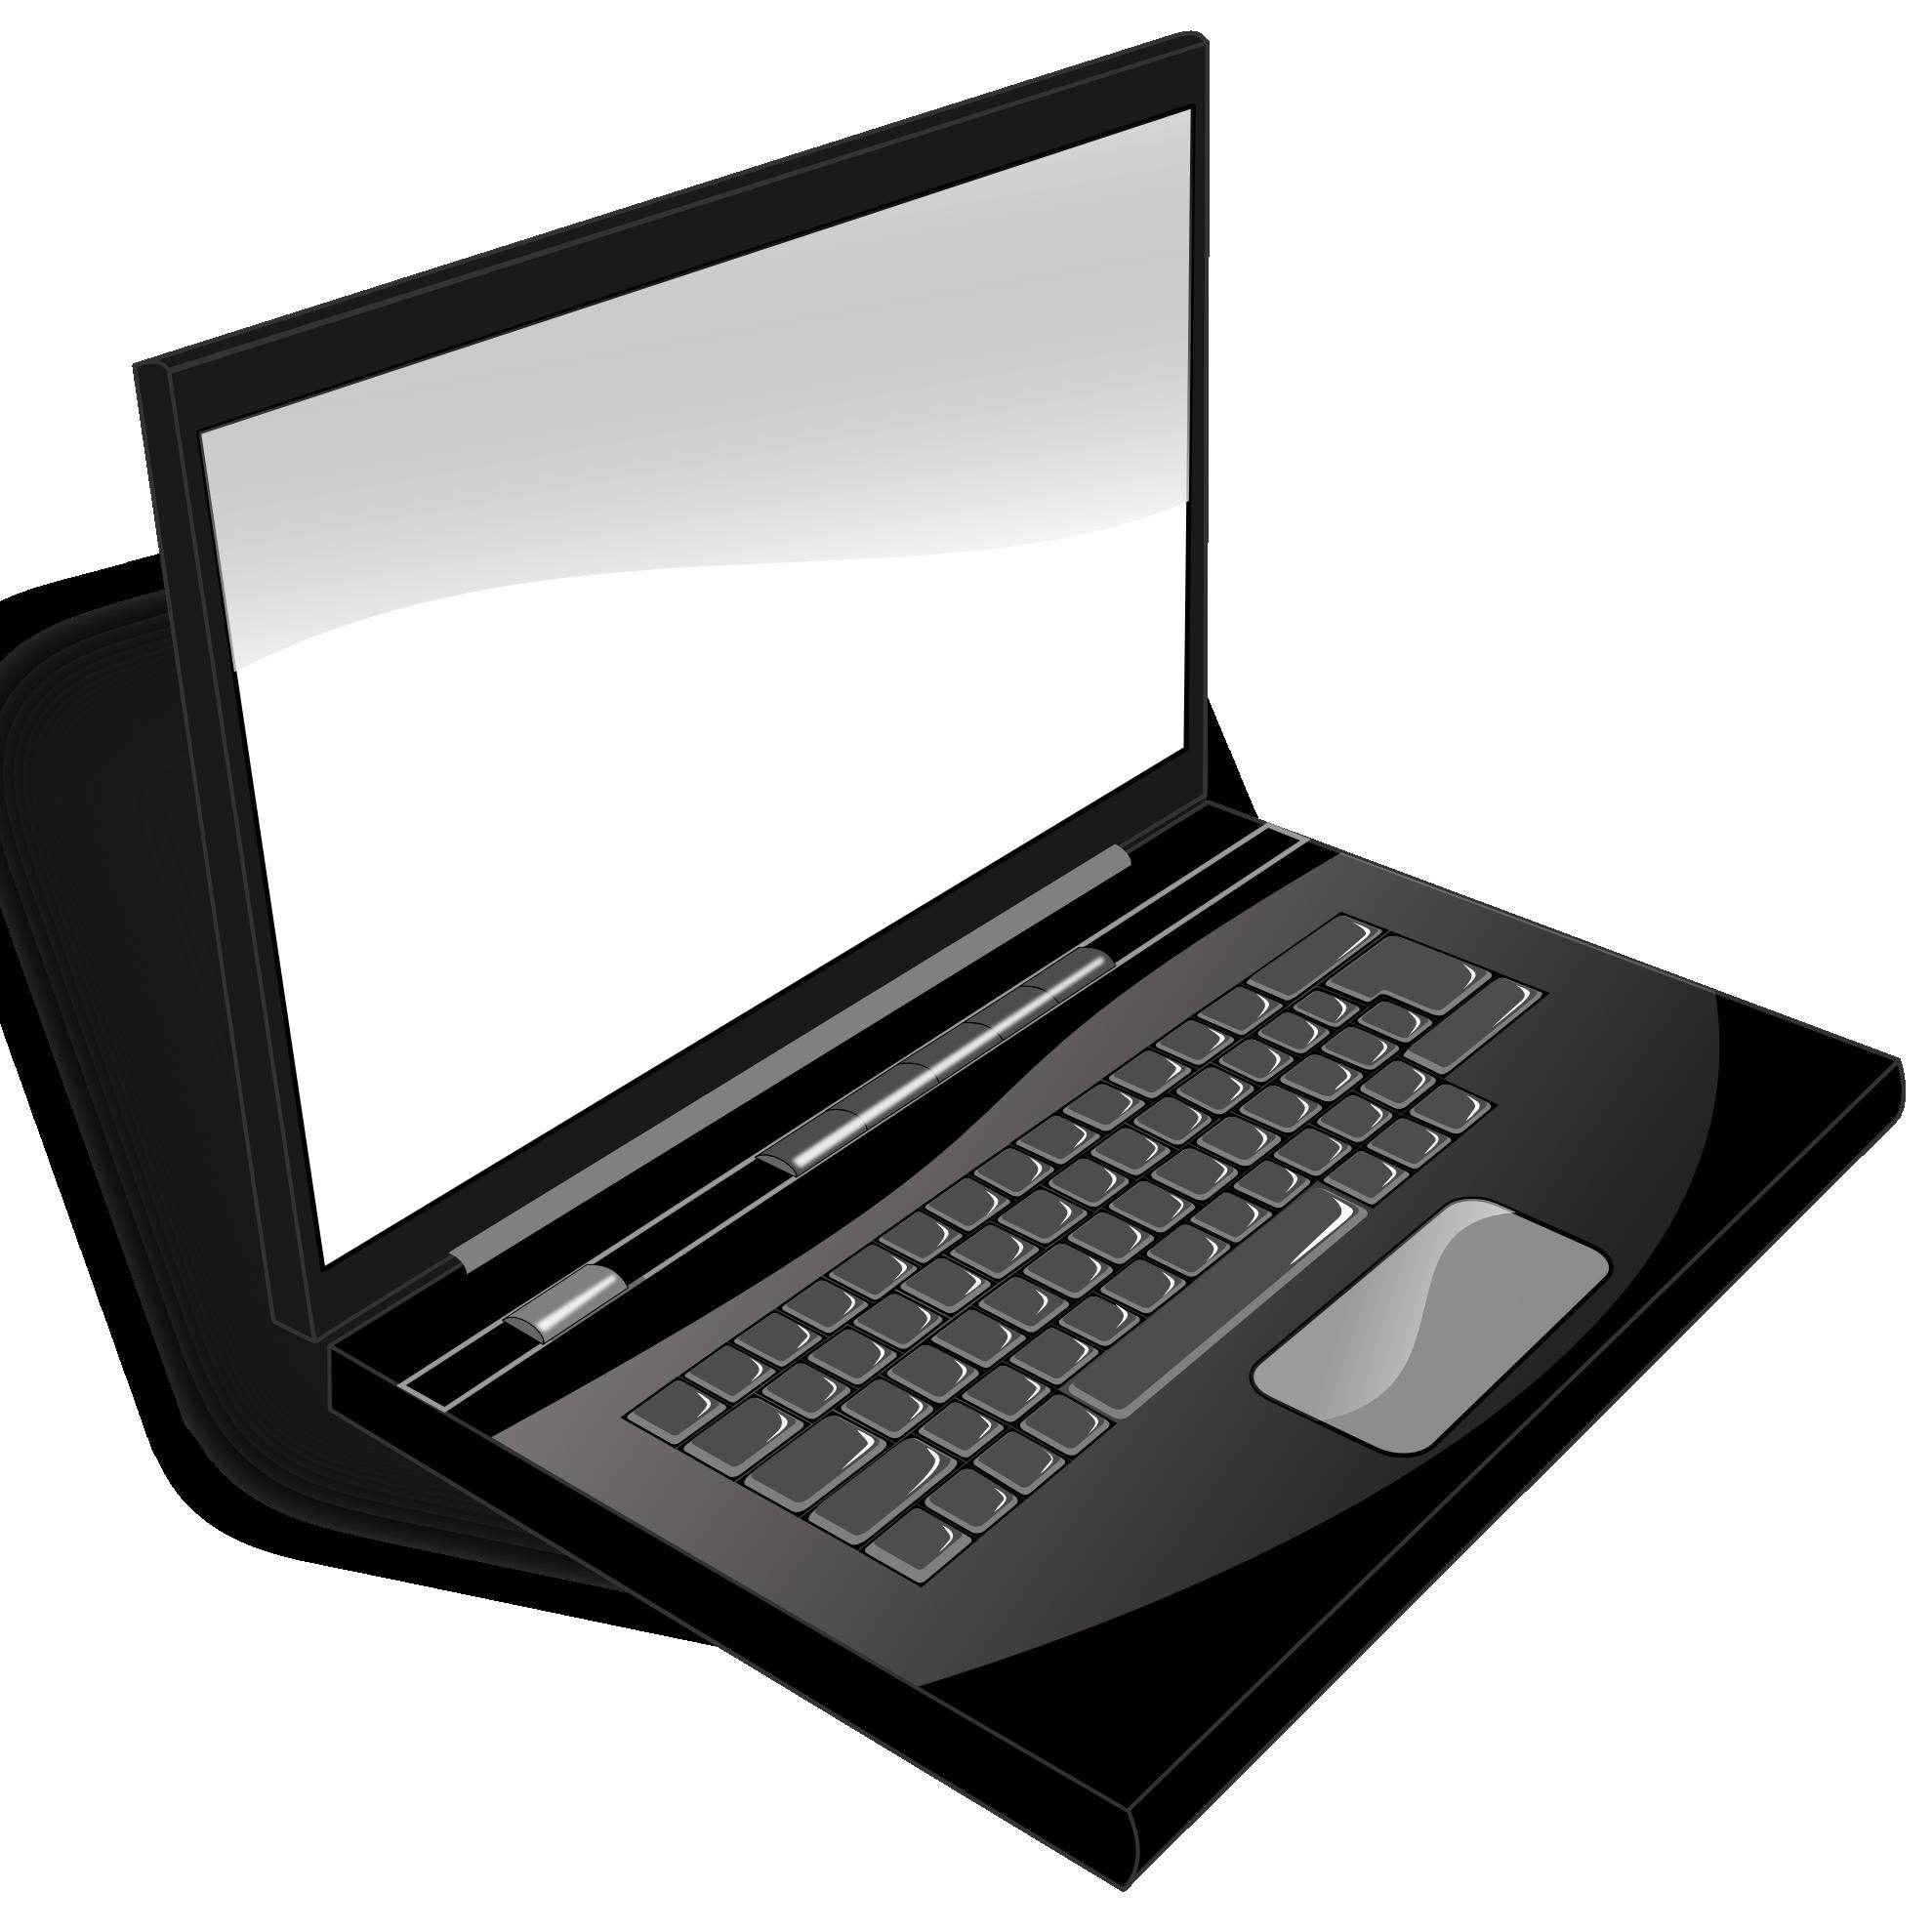 Laptop clipart Panda Laptop Clipart Images Clipart